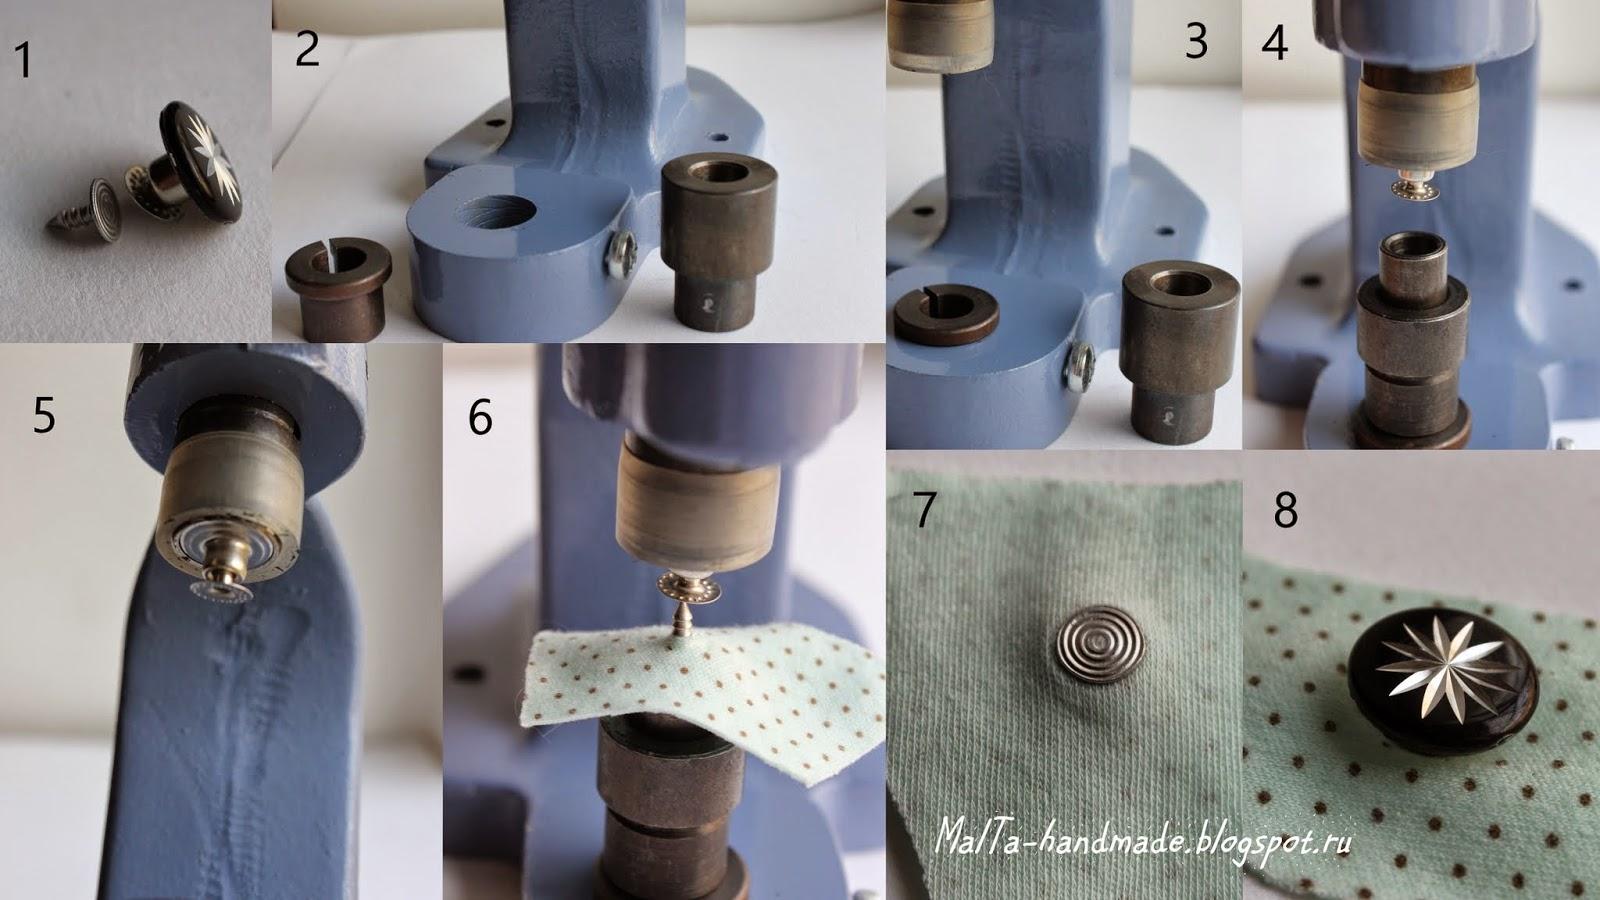 Как установить кнопку на одежду в домашних условиях 39